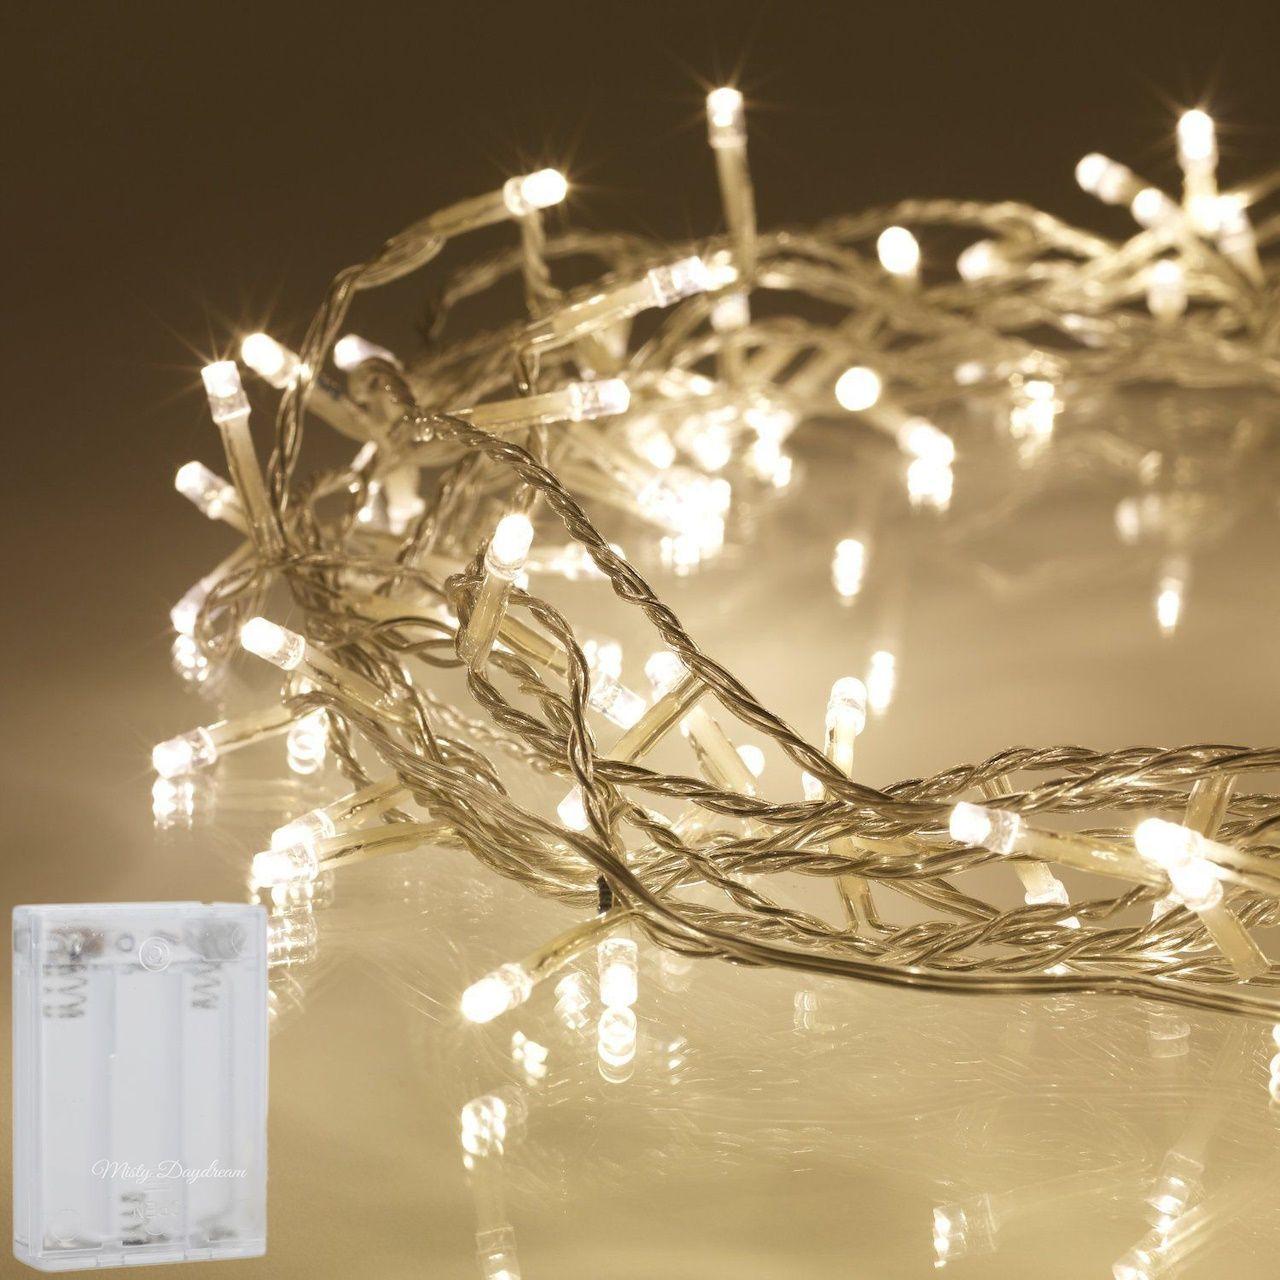 Portable Led Christmas Lights Bestwhiteledchristmaslightsreviews Christmaslights Whiteledchristmaslights Ledchristmaslights Lamppedia Http